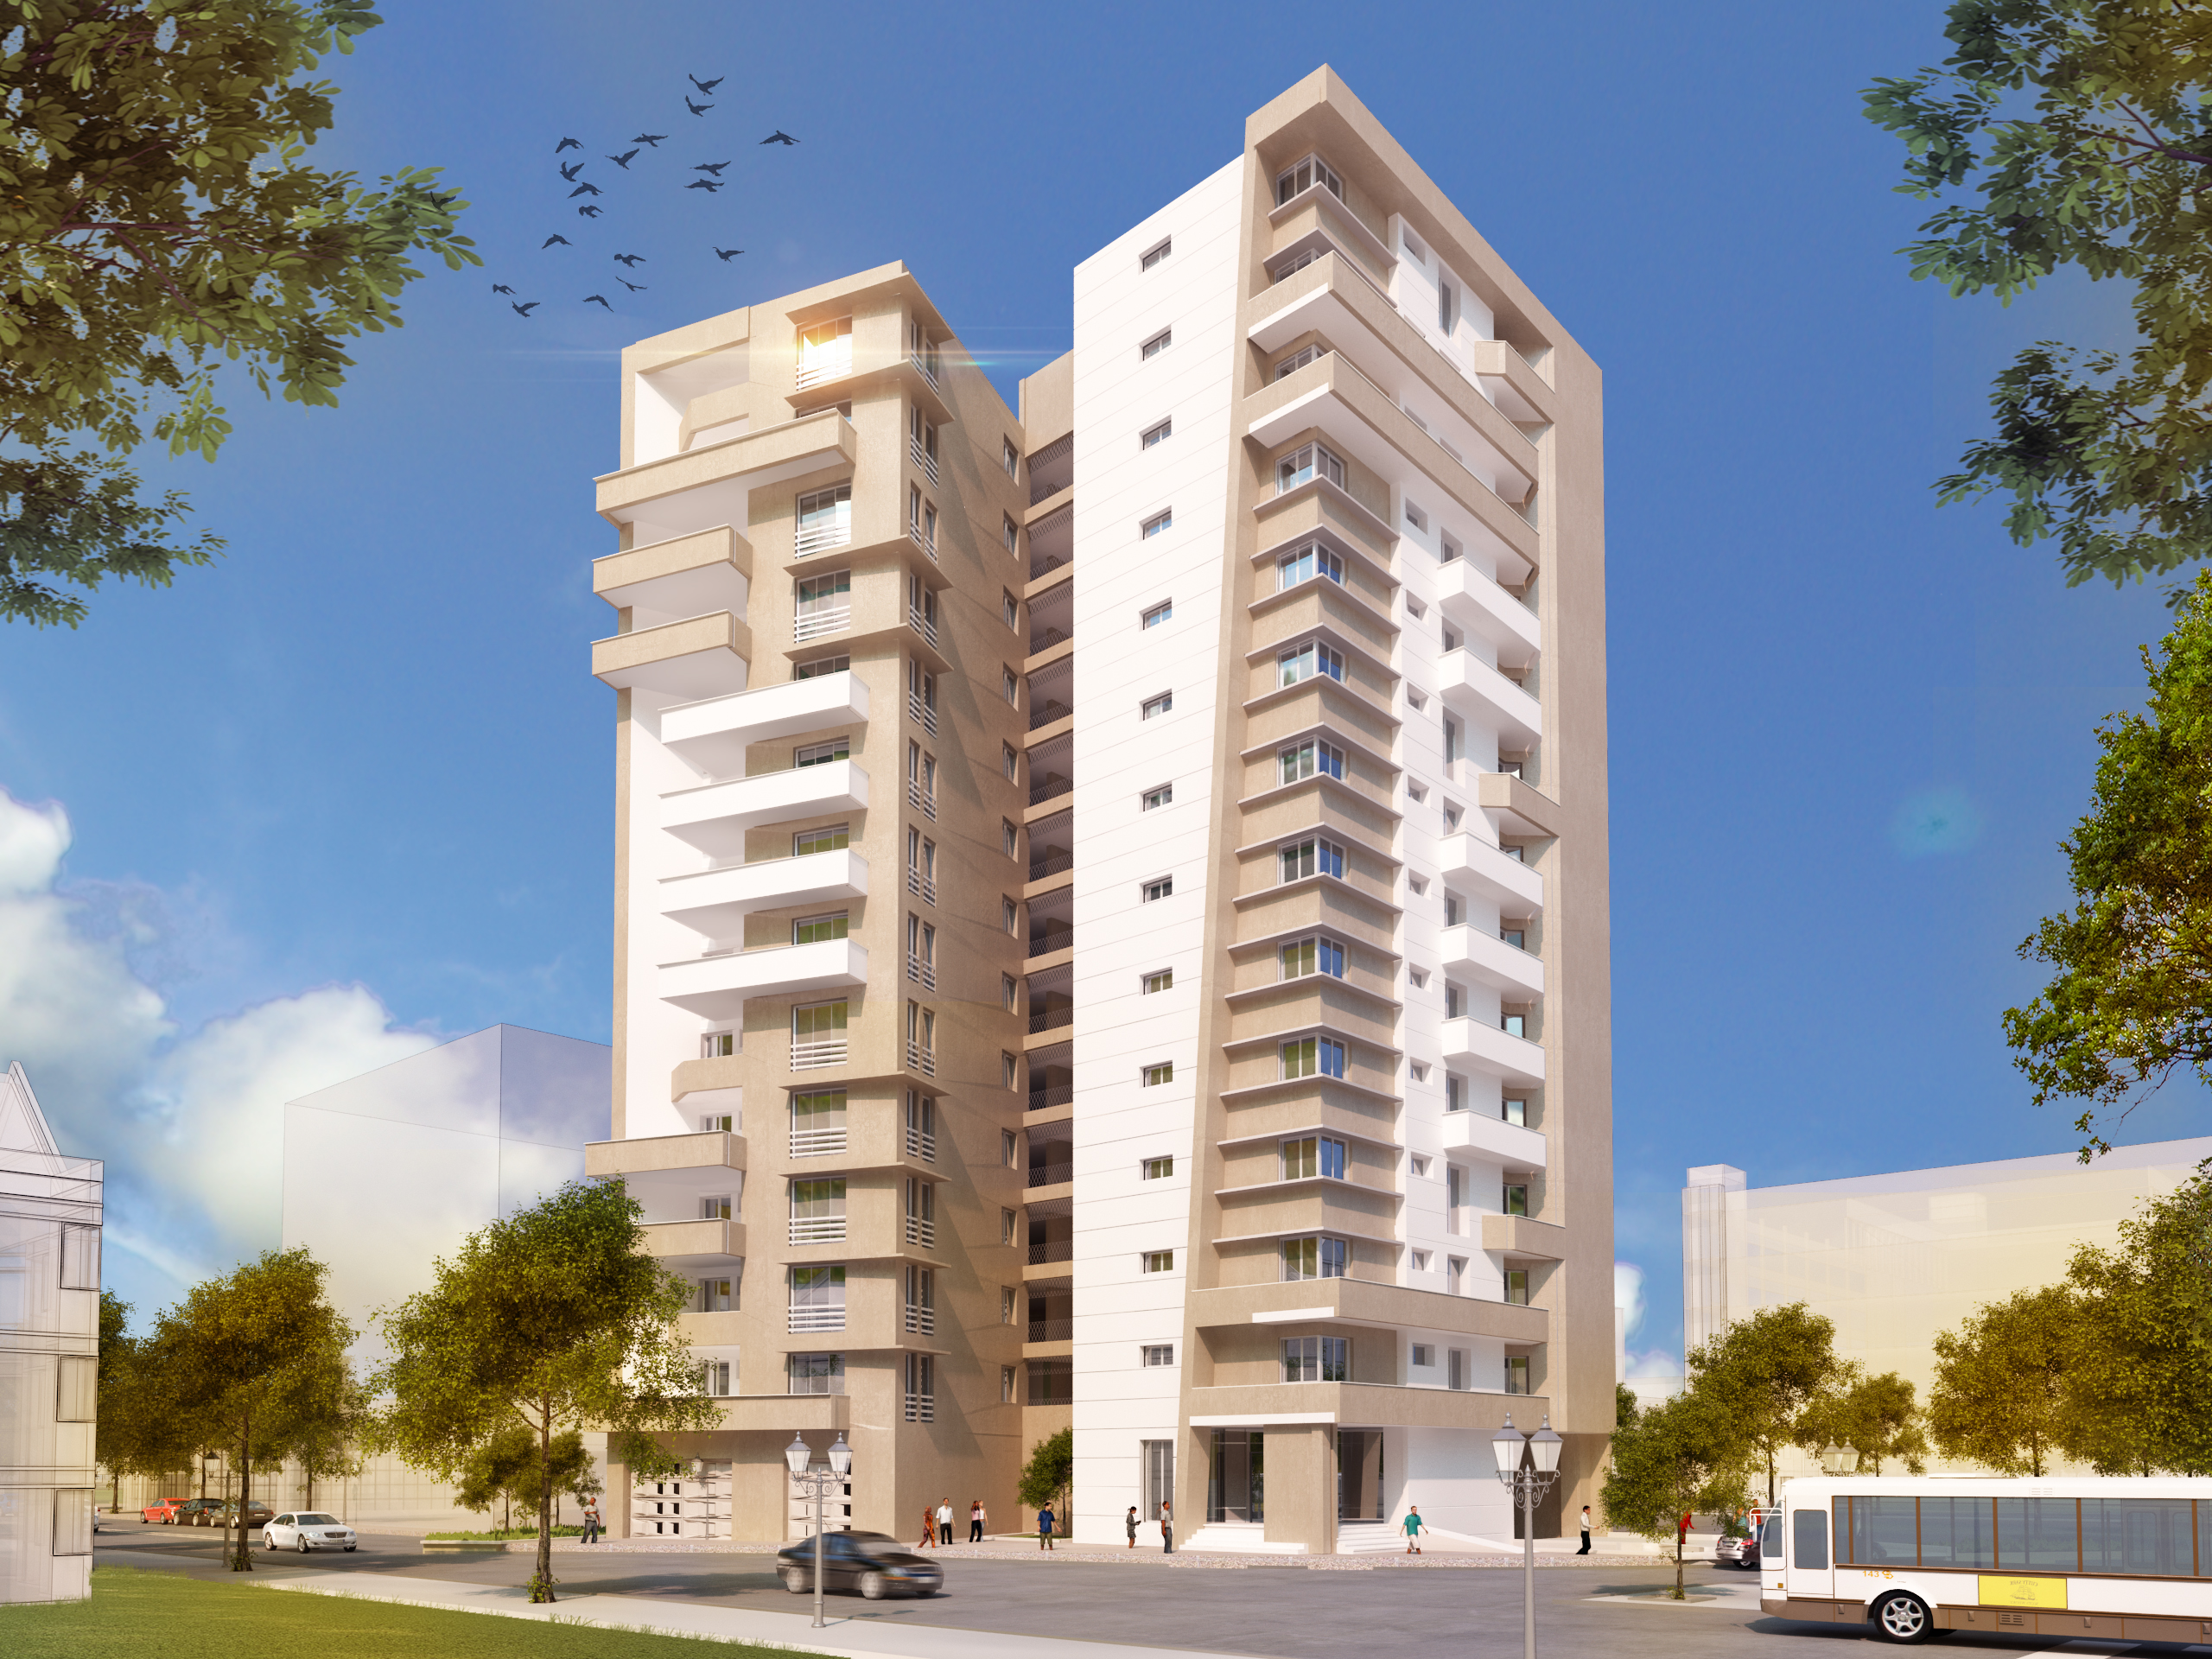 1 10 1 - Apartment Complex